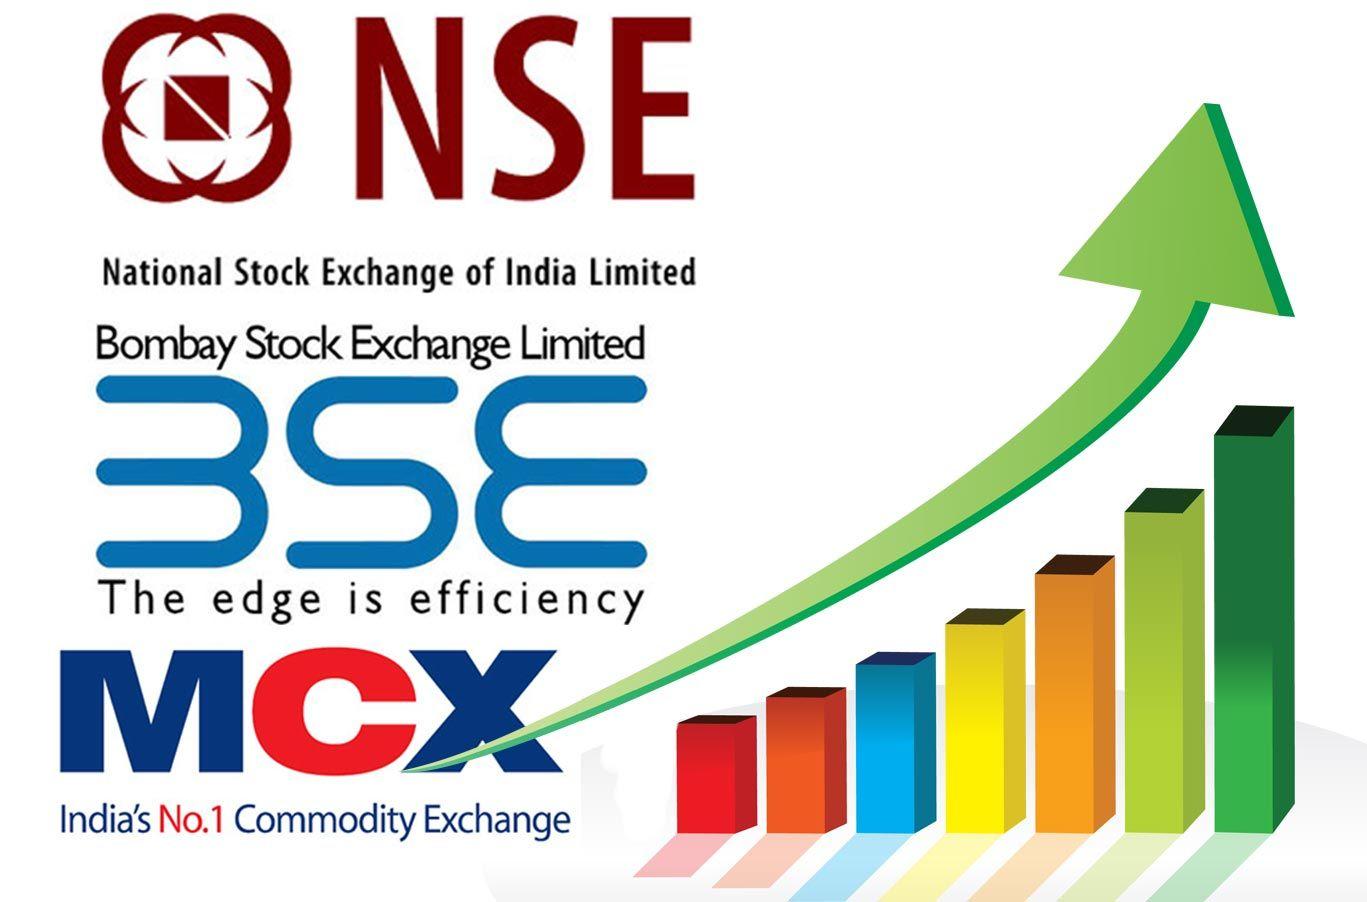 ICFM PUNE | Stock Market Courses, Stock Market Institute